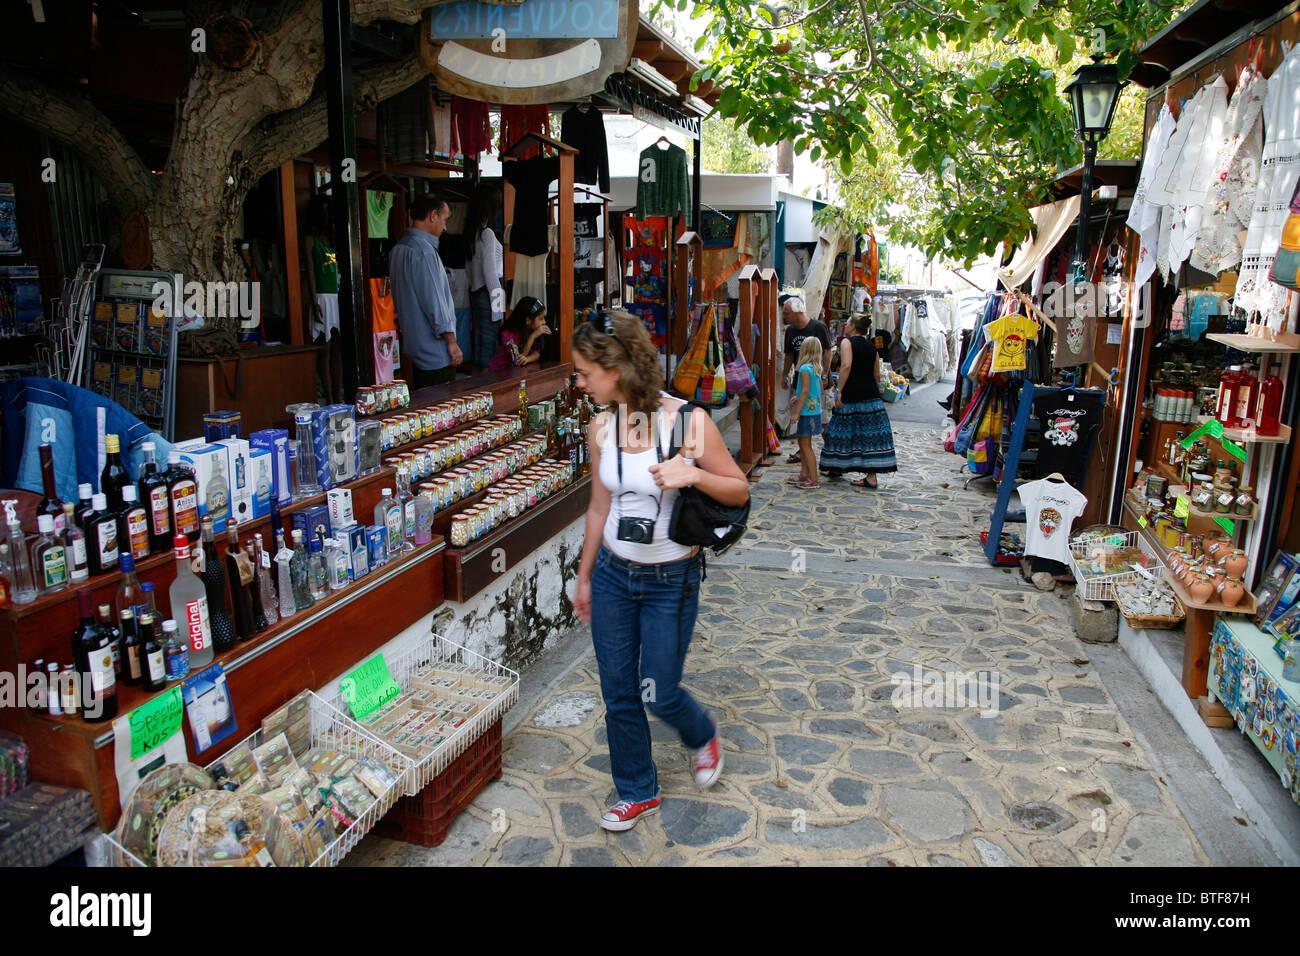 Market with souvenir shops, Zia, Kos, Greece. - Stock Image